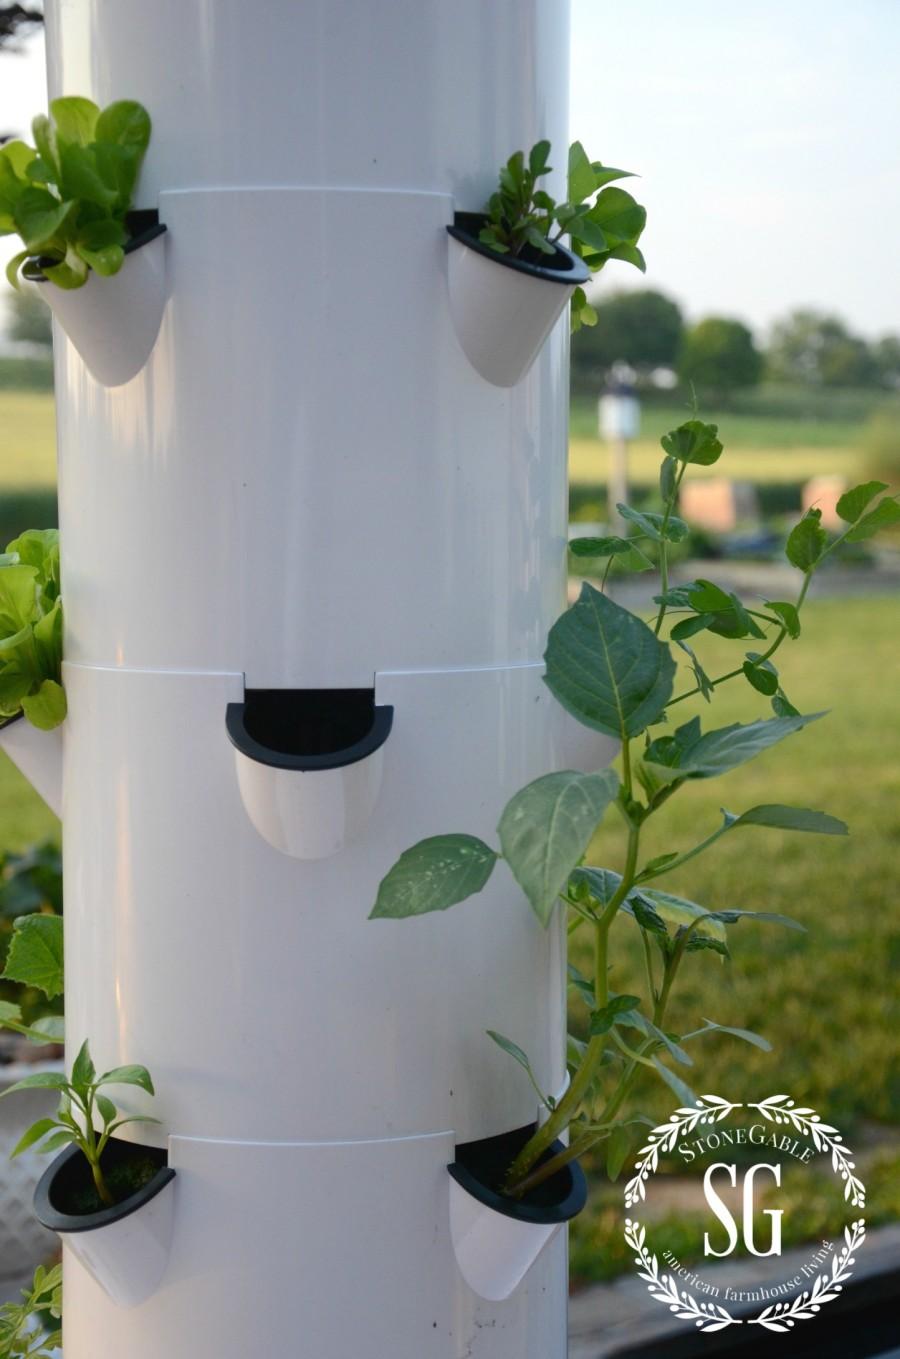 VEGETABLE GARDEN-lettuce-tower garden-stonegableblog.com